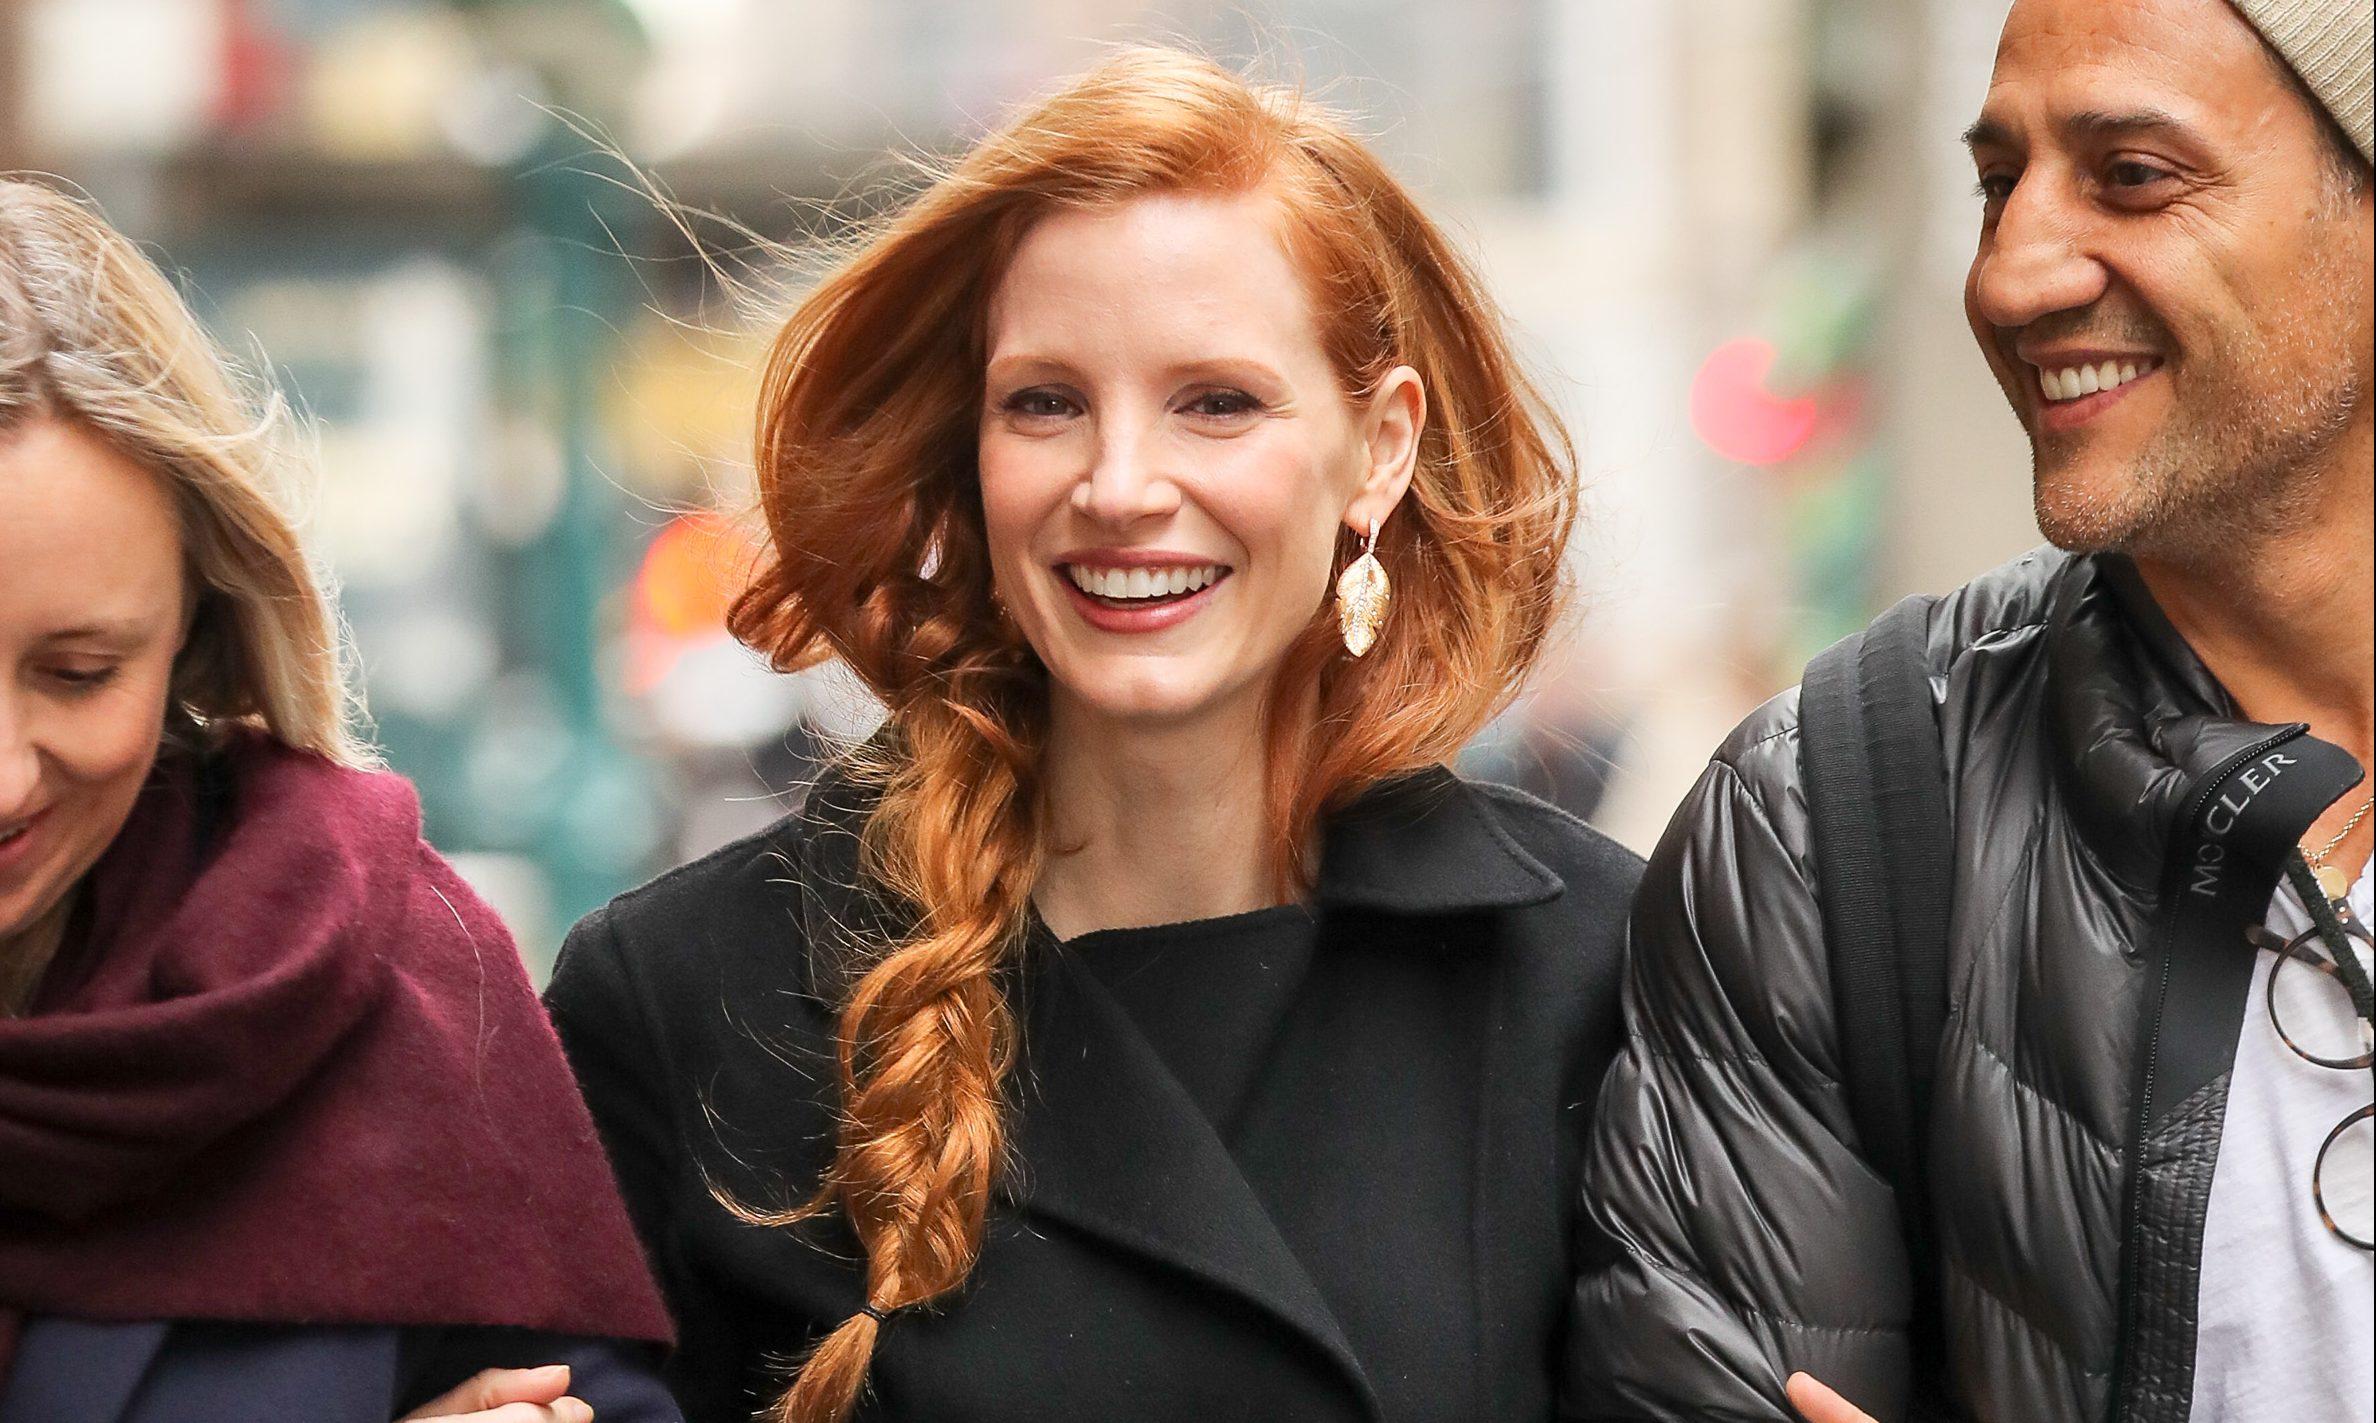 CANDIDS: Jessica em Nova Iorque